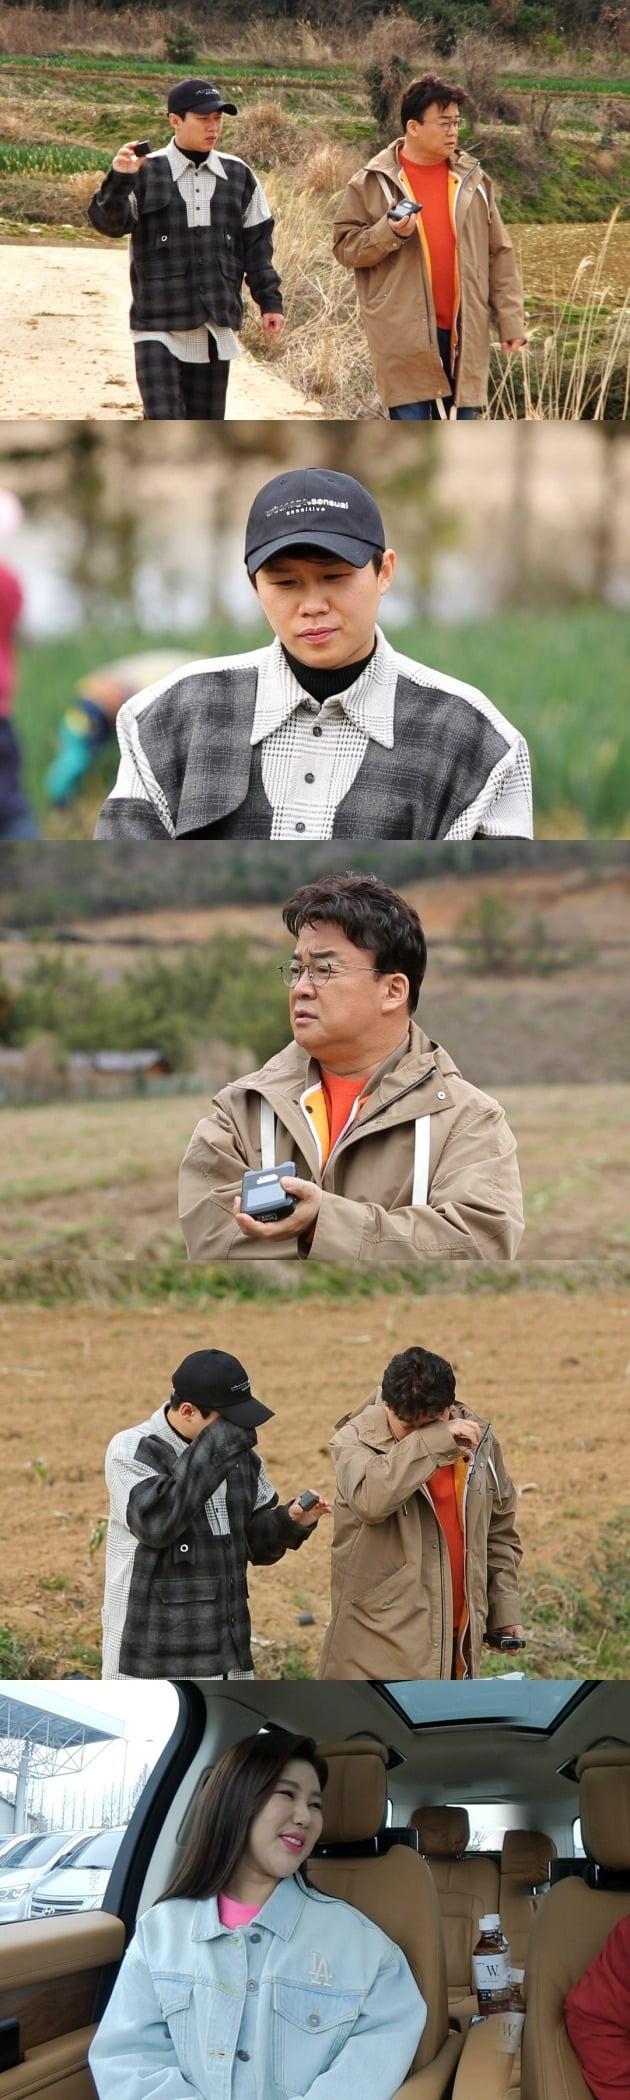 '맛남의 광장' 진도 편에 송가인이 게스트로 등장한다. / 사진제공=SBS